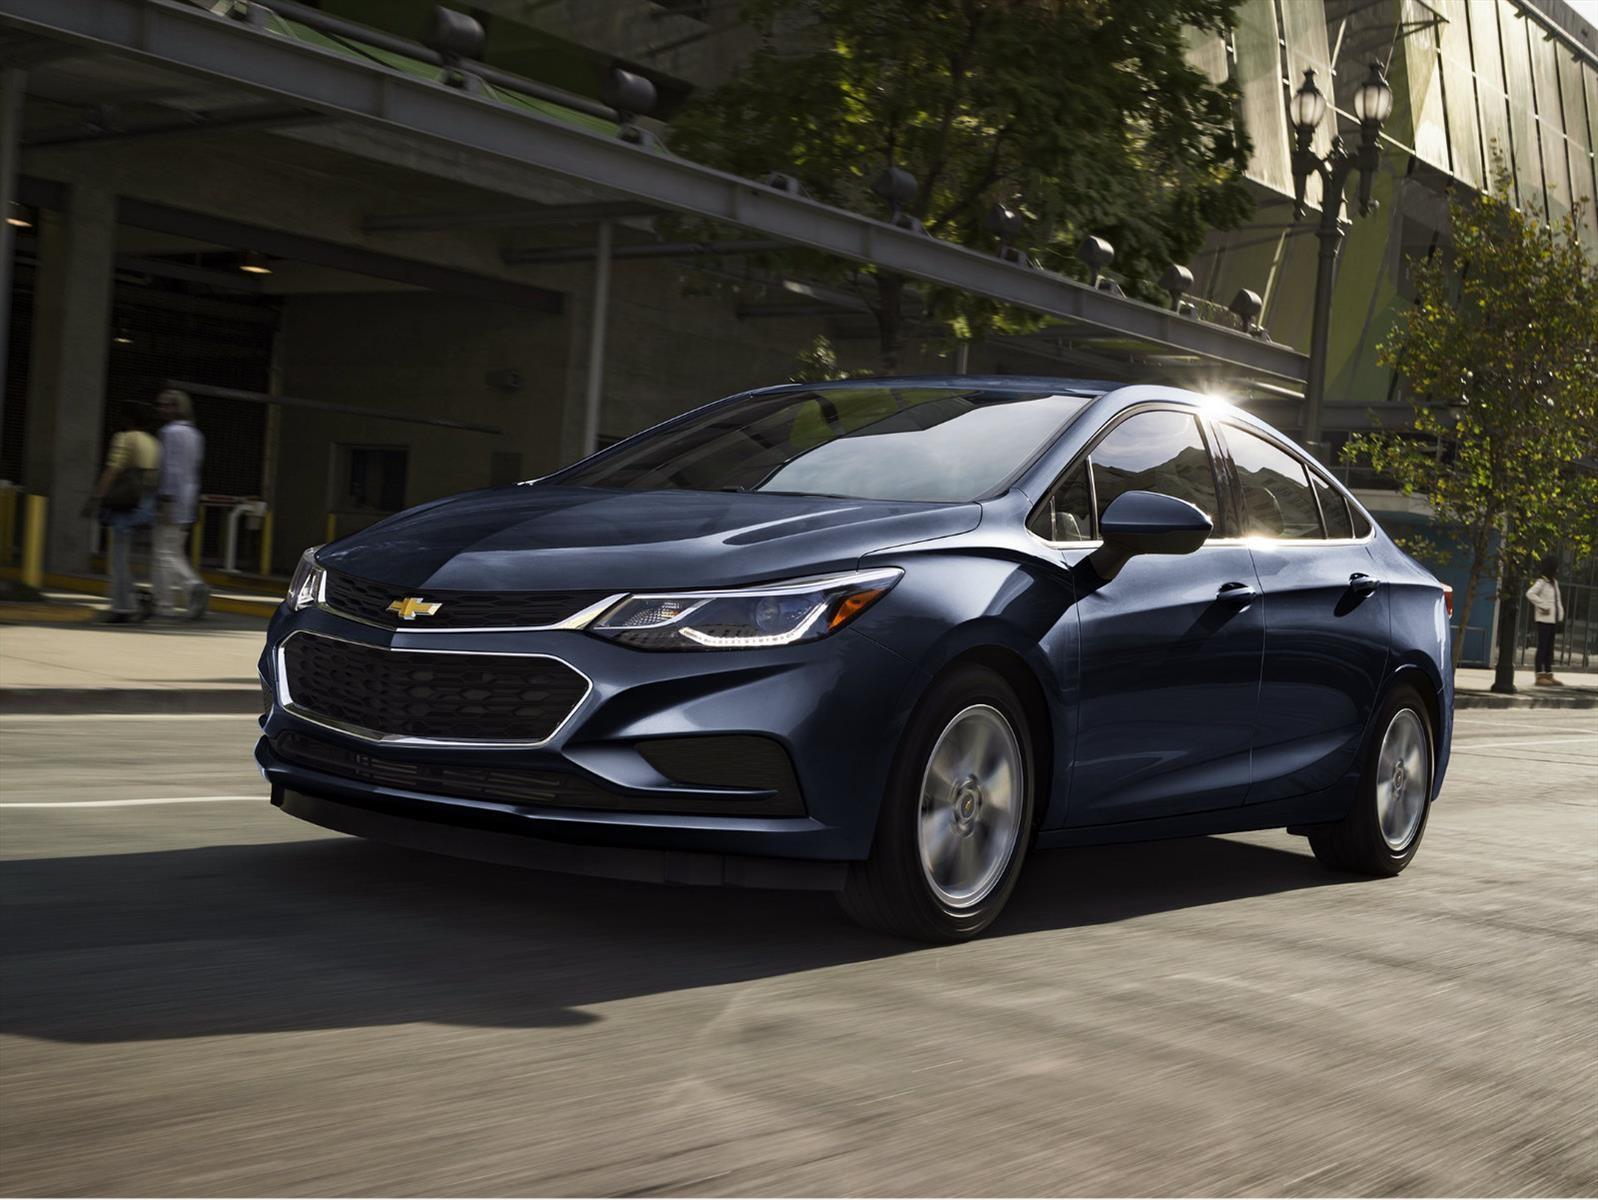 Chevrolet Cruze Diésel 2017 es el carro más eficiente para carretera en EE.UU